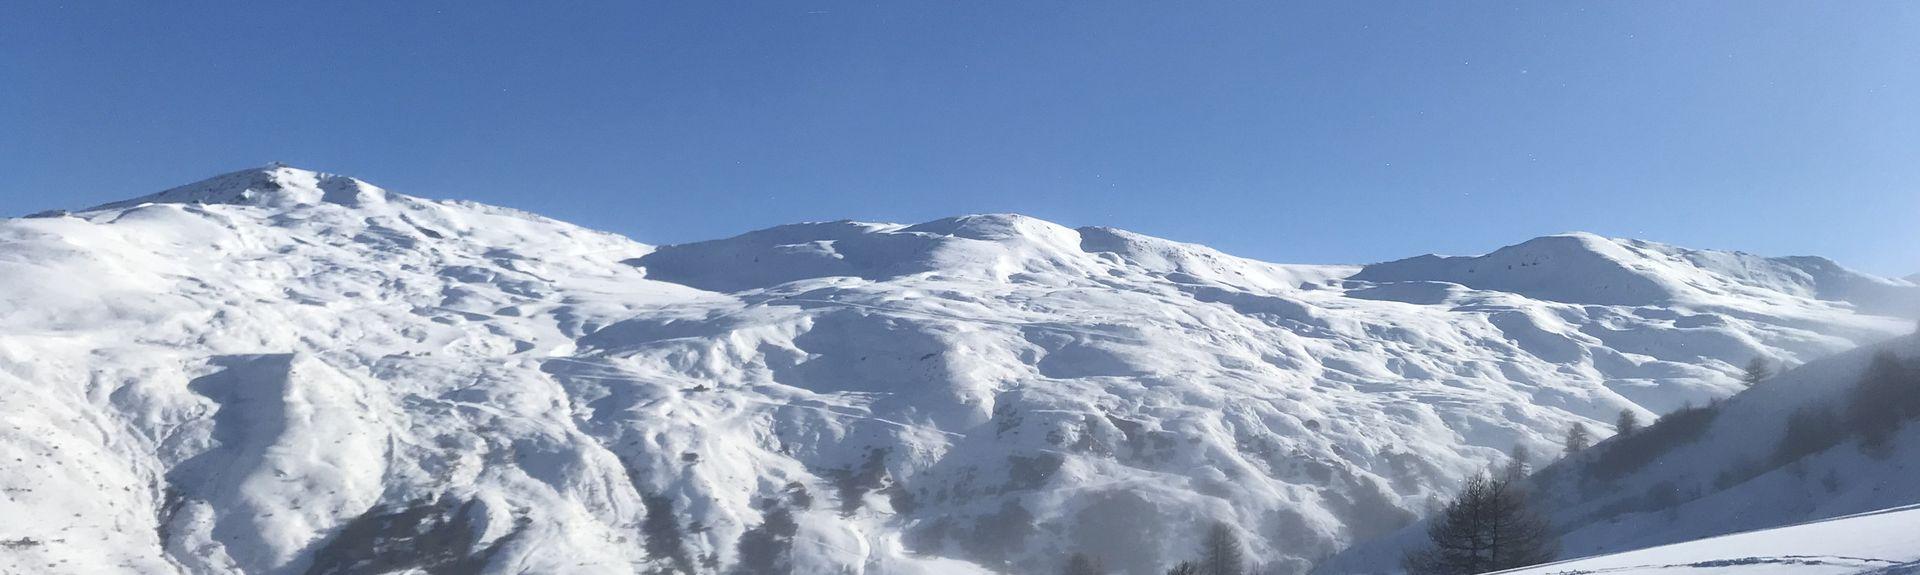 Les Granges, Valloire, Ródano-Alpes, França